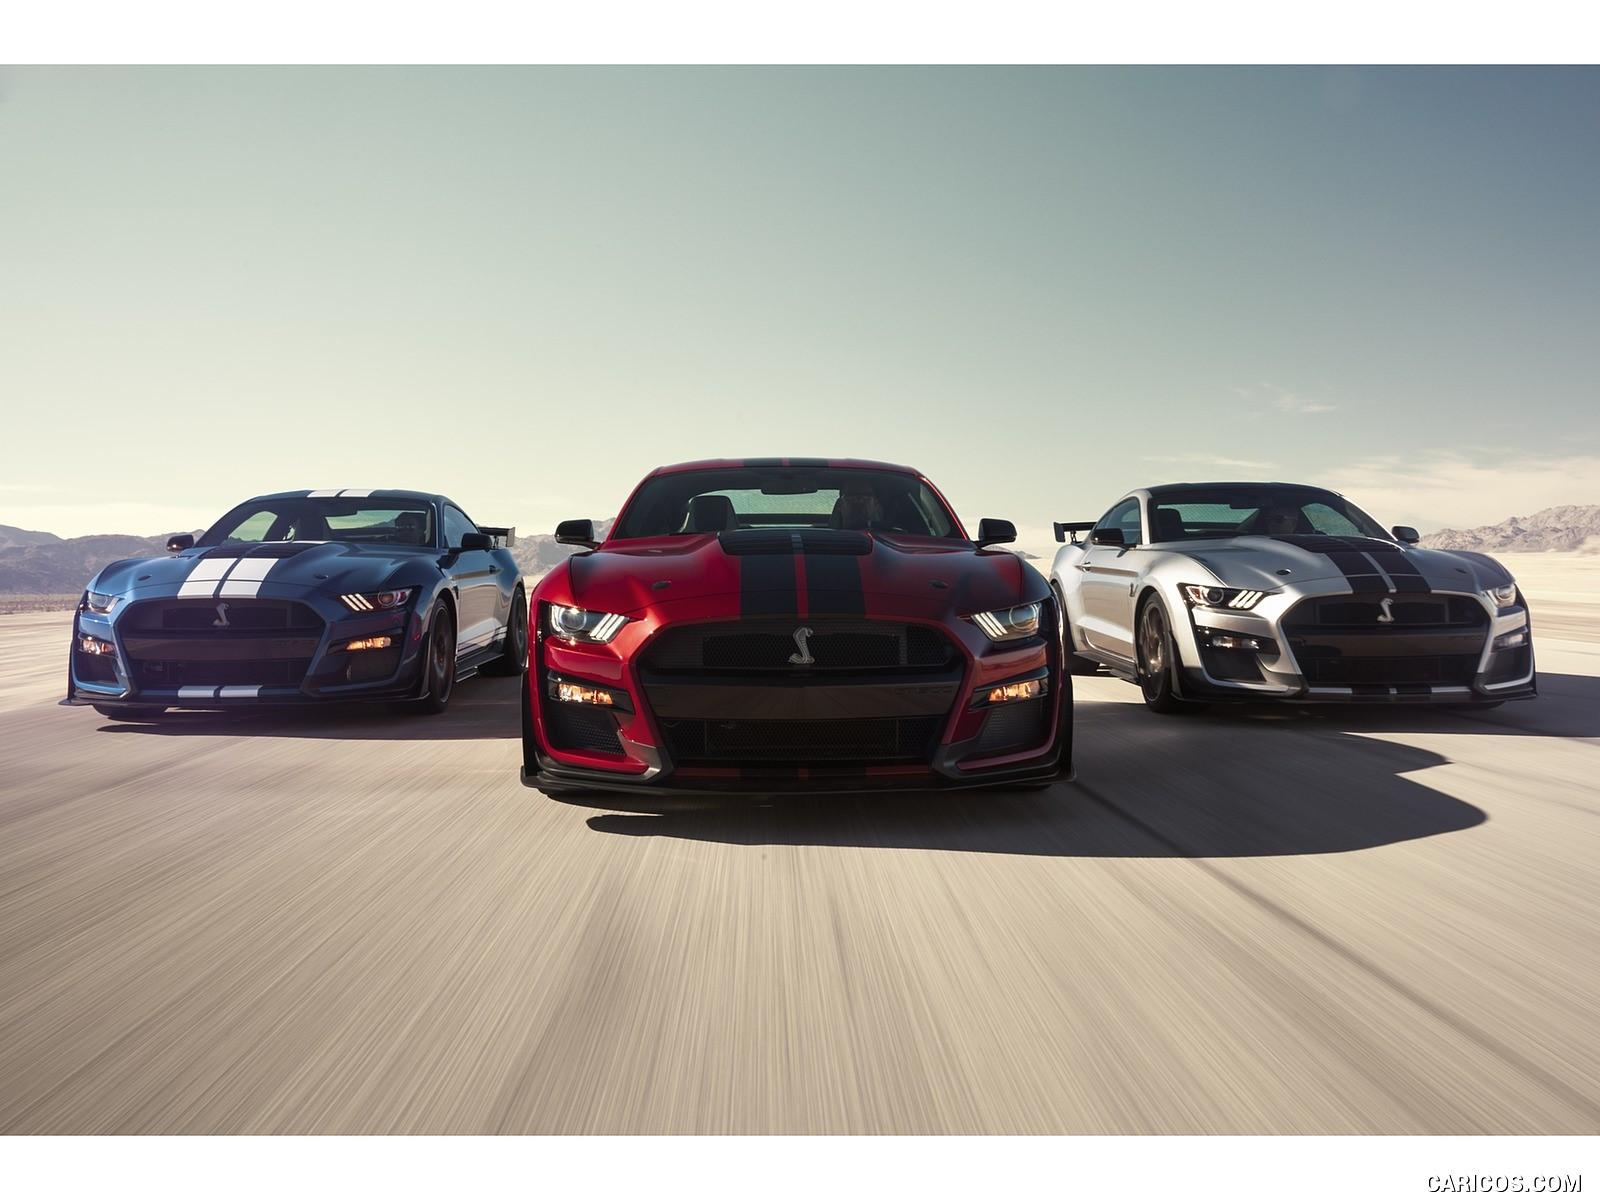 Ford Mustang Shelby hd duvar kağıtları 1